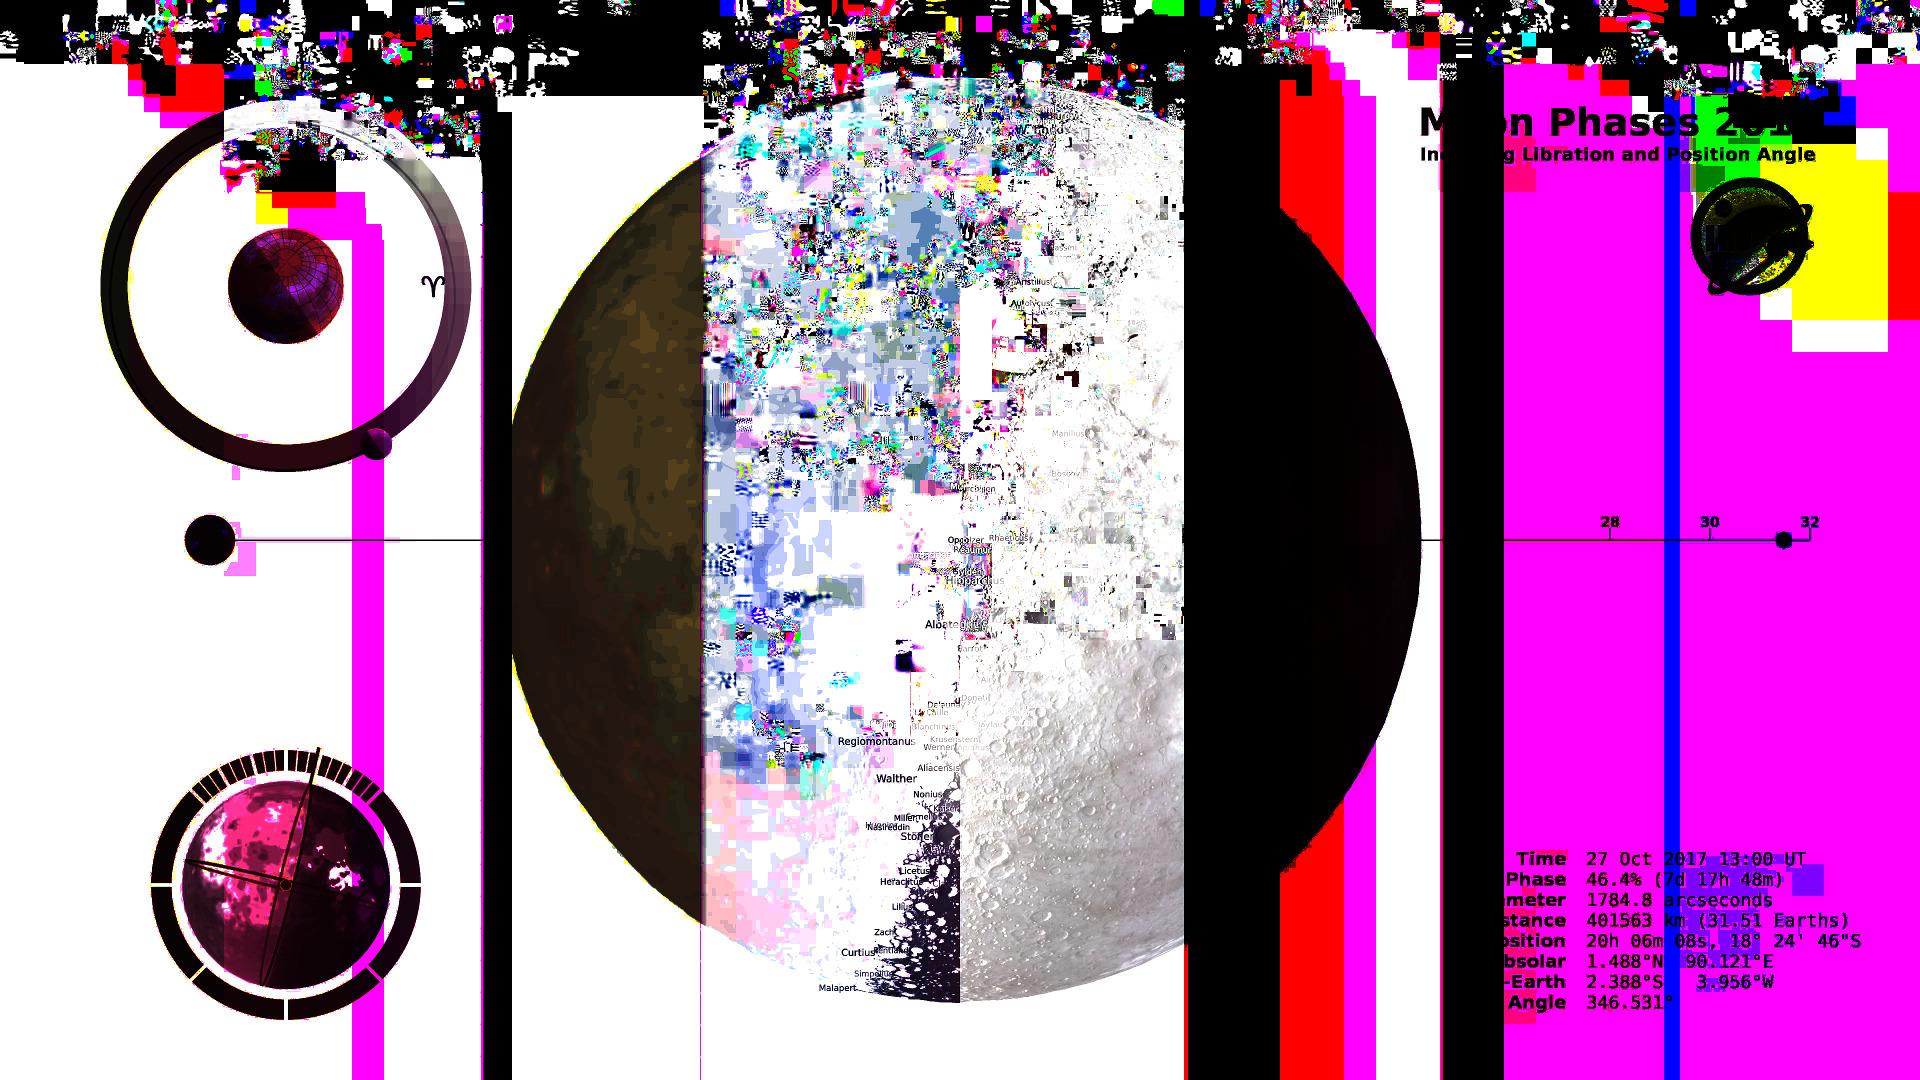 Moon phase - gif, glitch, elloglitchart - errore   ello